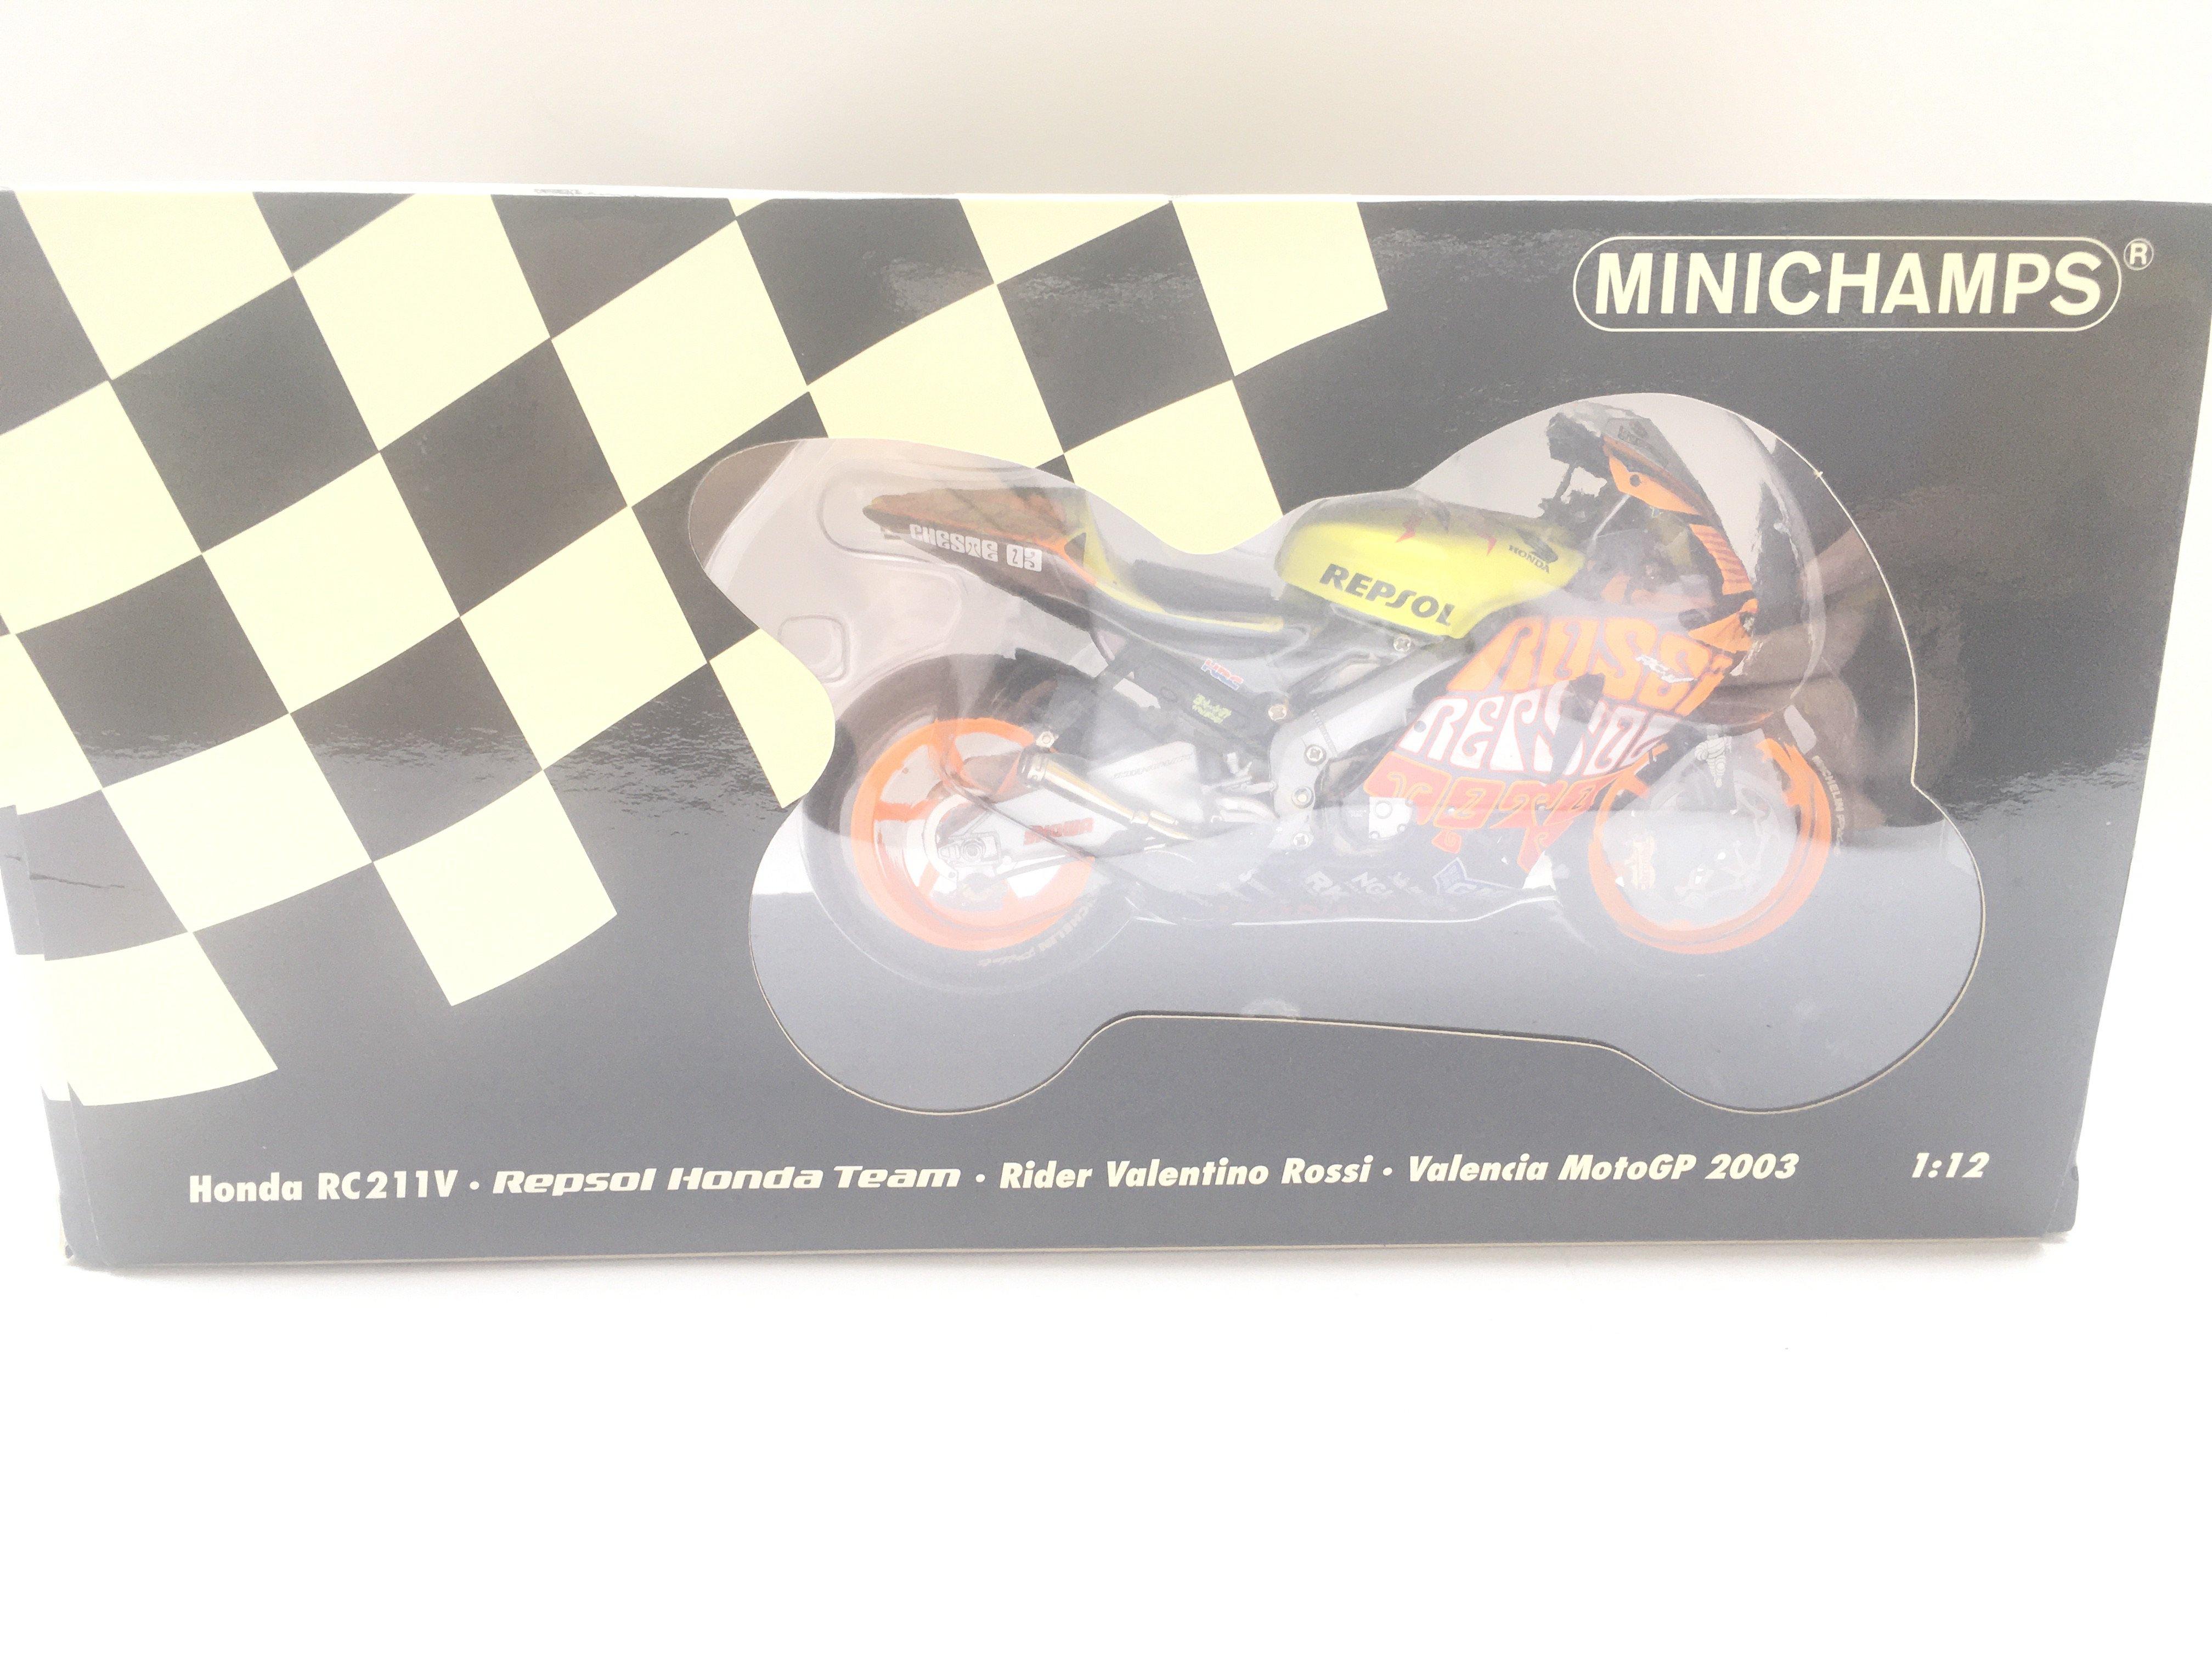 A Minichamps Honda RC211V. Repsol Honda Team. Vale - Image 2 of 2